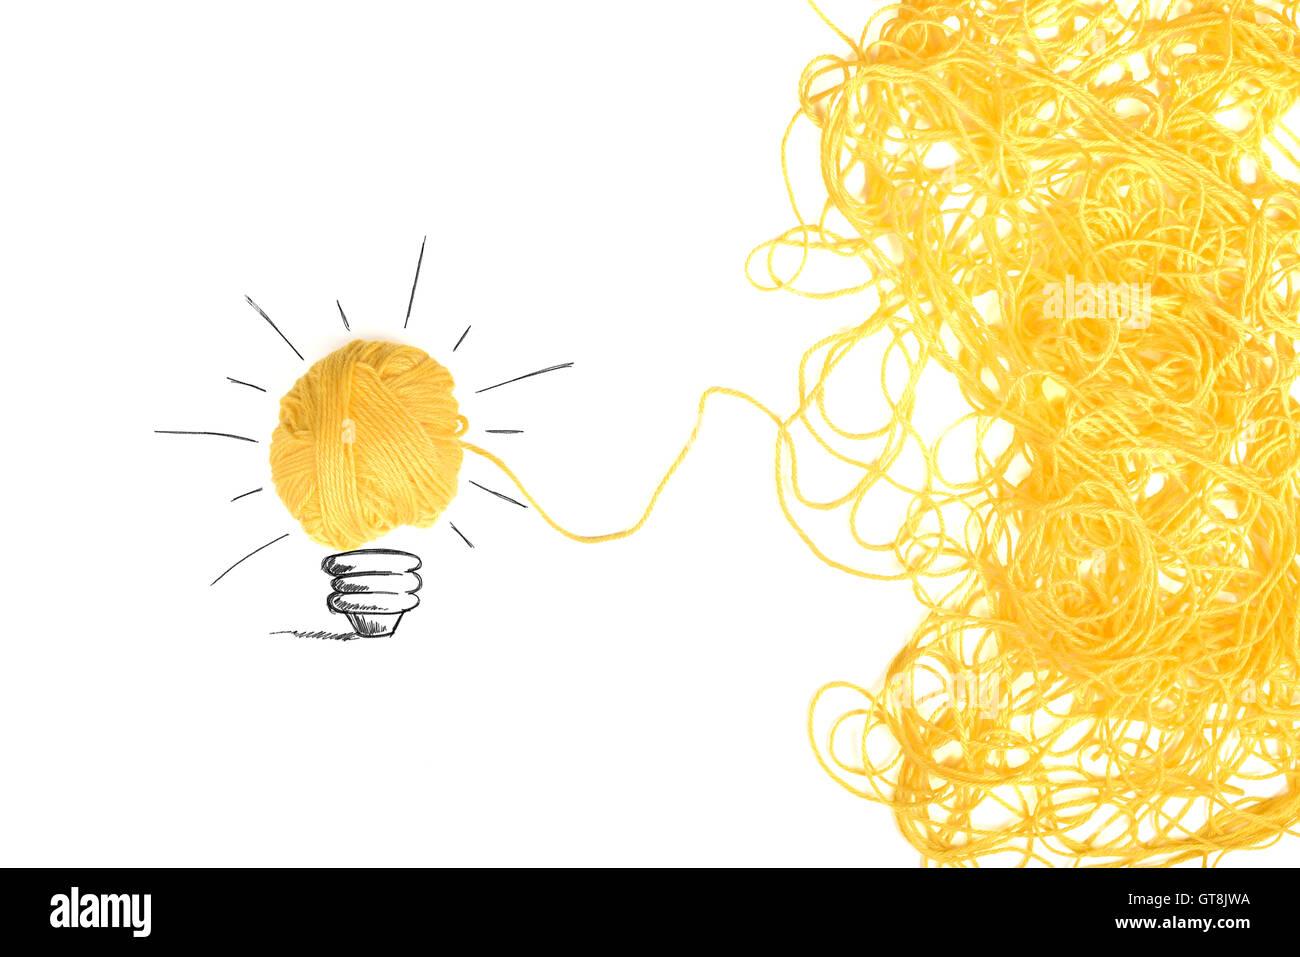 La idea y el concepto de innovación con ovillo de lana Imagen De Stock